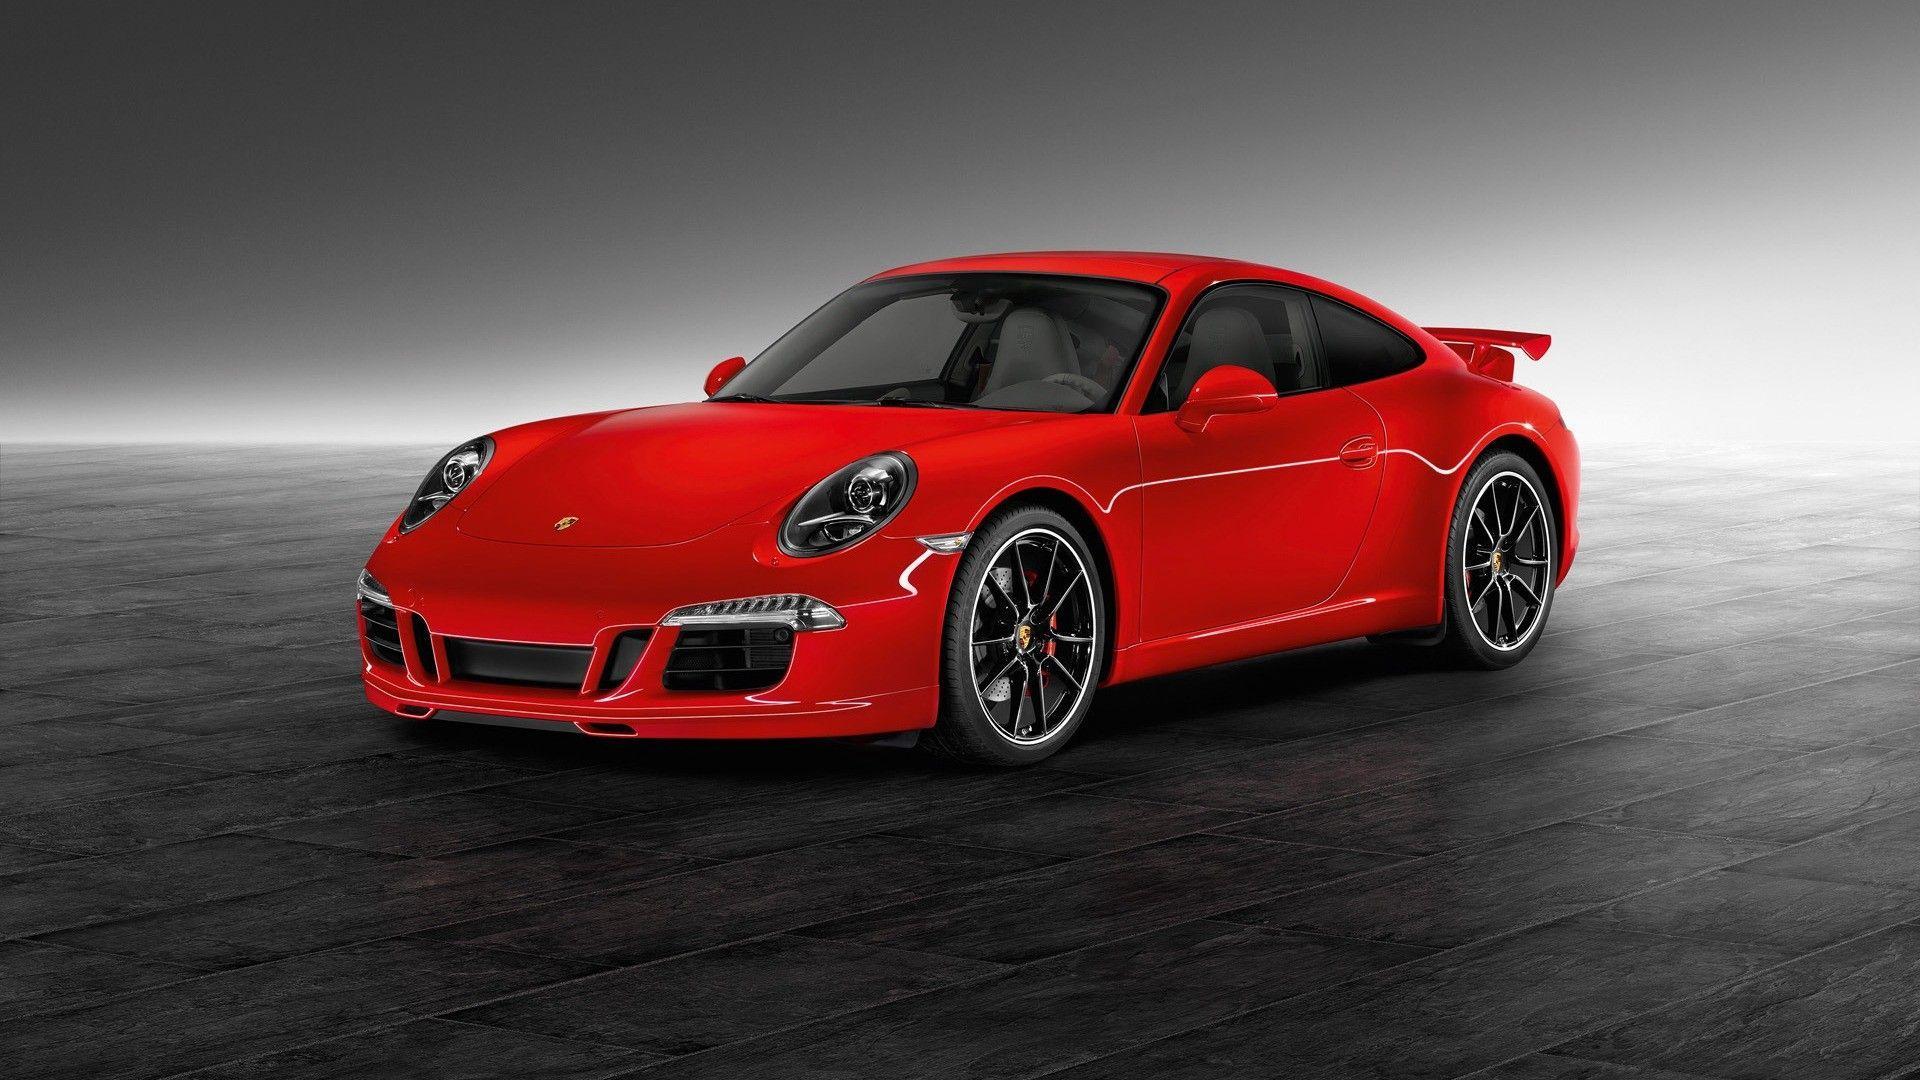 Red Porsche Wallpapers Top Free Red Porsche Backgrounds Wallpaperaccess